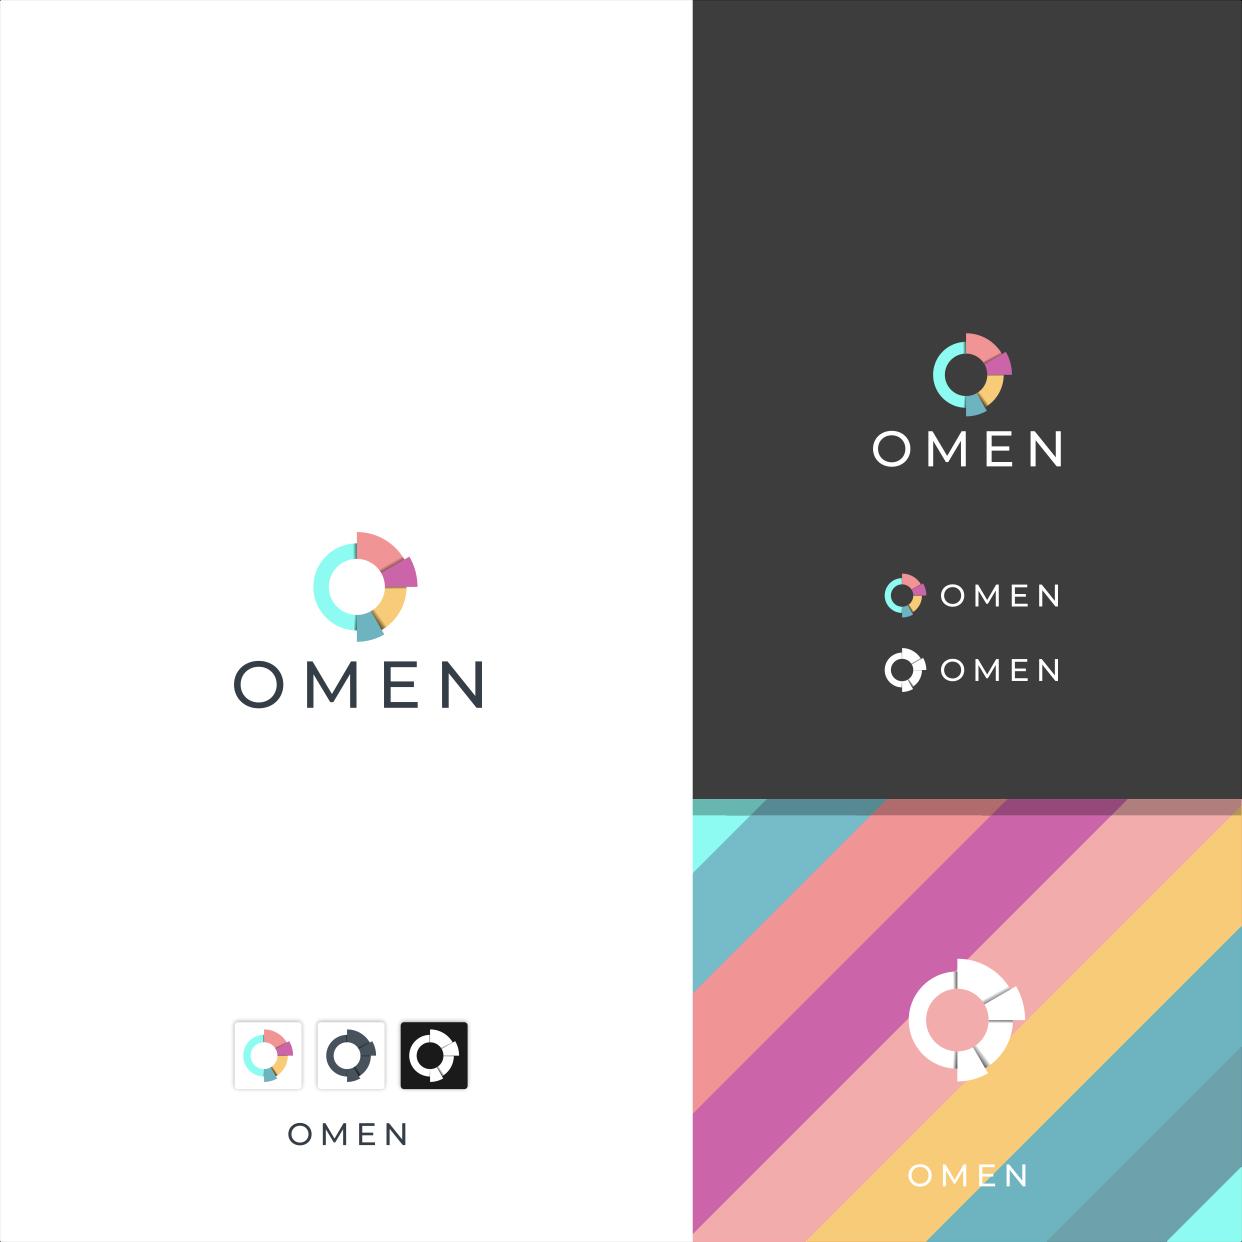 日本で最も活用されるゲームマーケティングツールのロゴデザイン/A logo design for the most popular gaming marketing tool in Japan